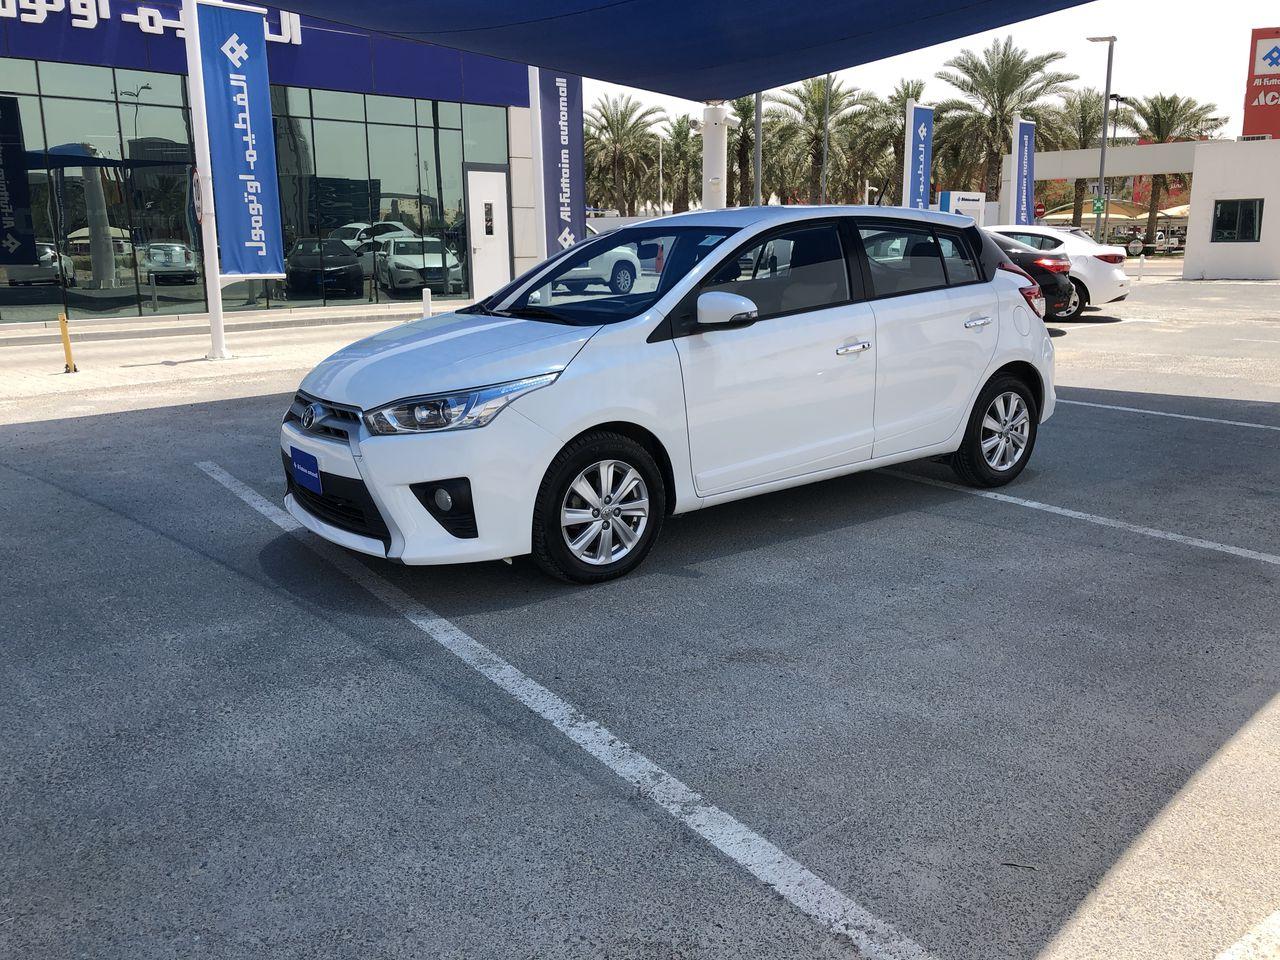 Kelebihan Kekurangan Toyota Ya Harga